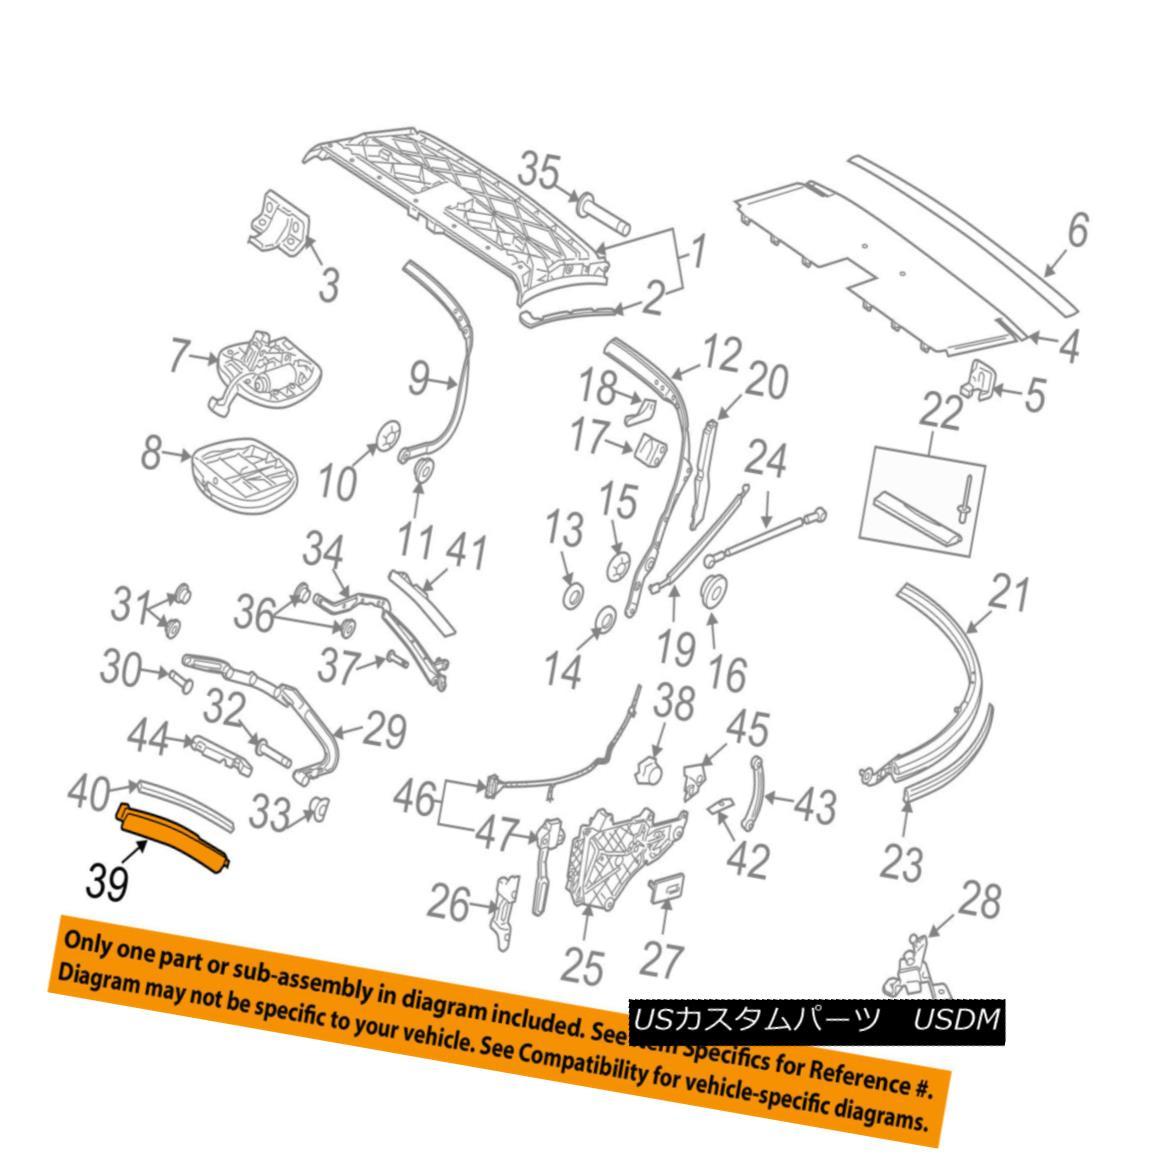 幌・ソフトトップ PORSCHE OEM 99-13 911 Convertible/soft Top-Front Retainer Right 99756135601A09 PORSCHE OEM 99-13 911コンバーチブル/ so ftトップフロントリテーナー右99756135601A09